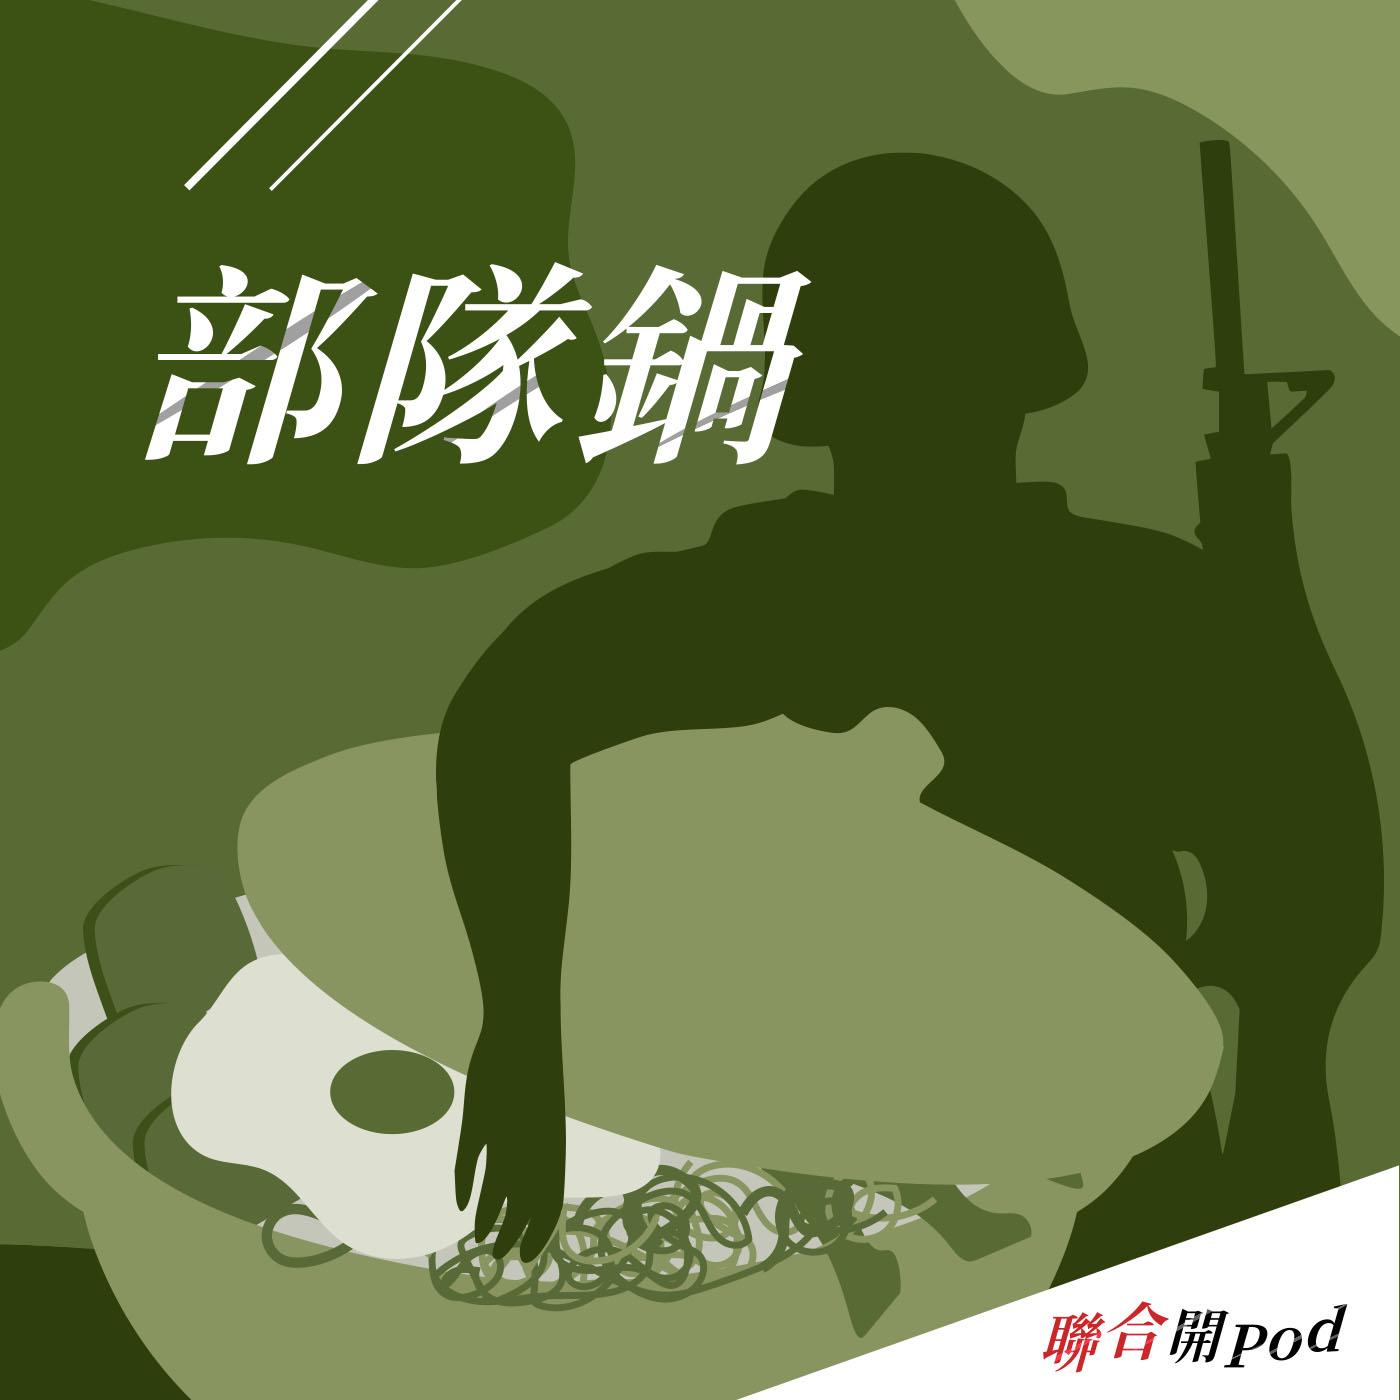 部隊鍋 EP33|全台灣最懂飛虎隊陳納德的辣個男人-彭斯民教官與他的收藏